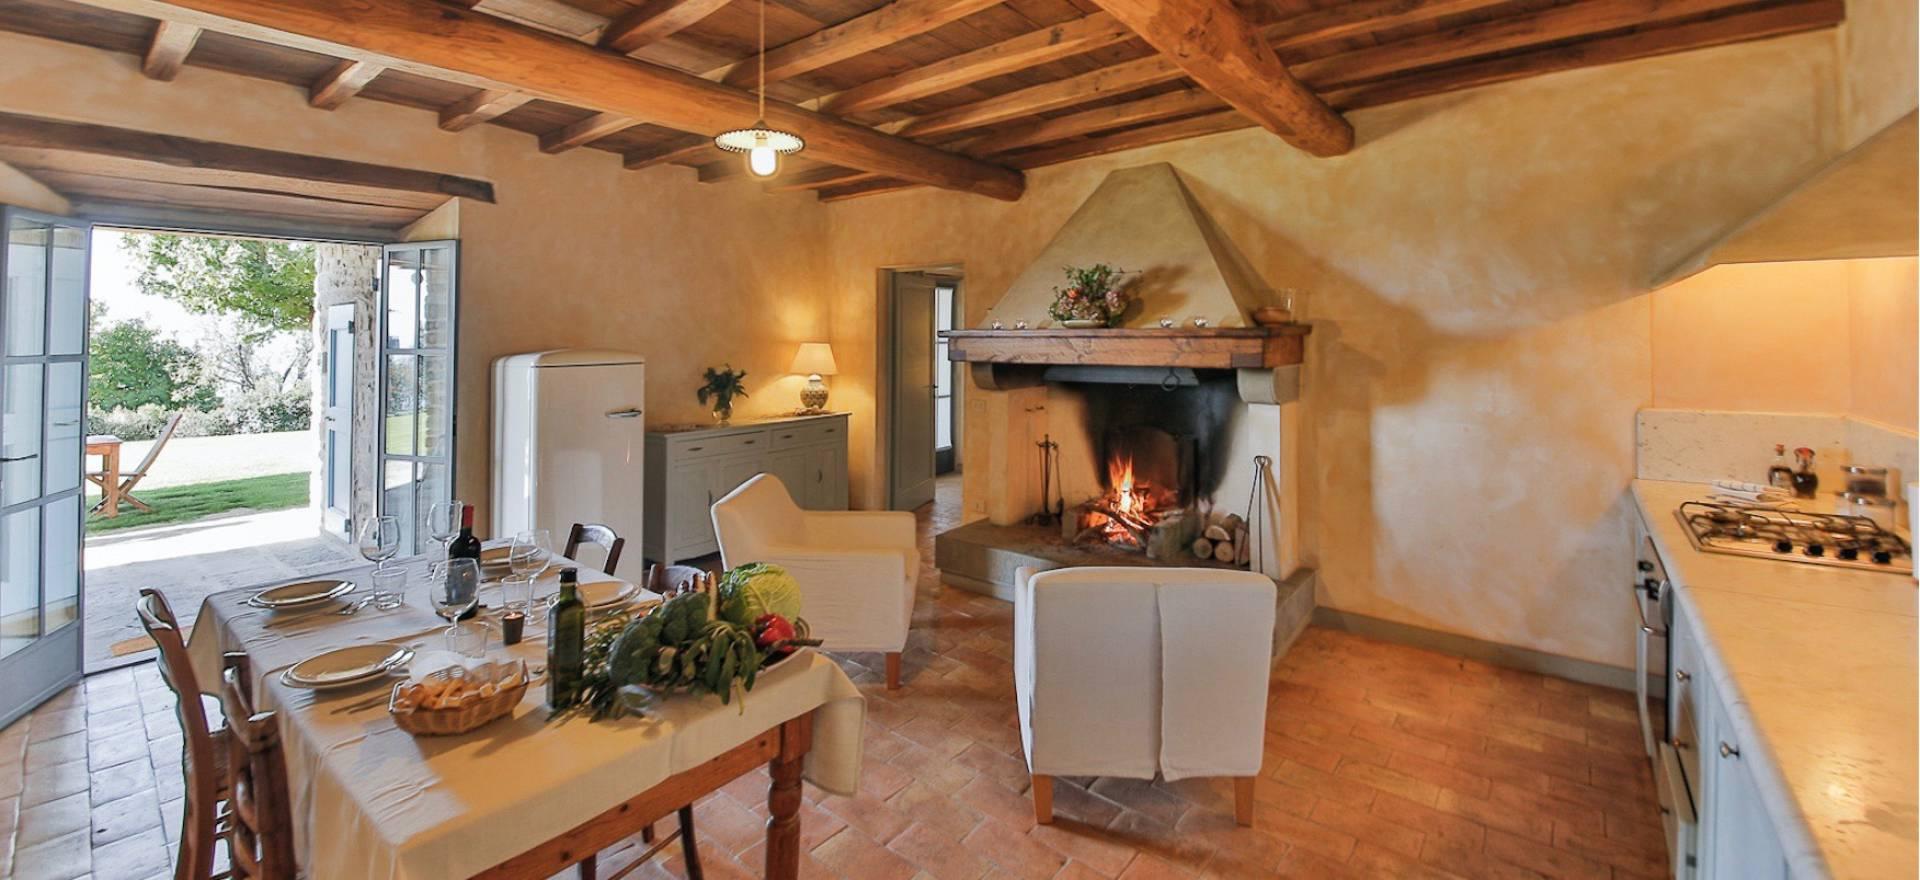 Agriturismo Toscane, luxe appartementen en mooi uitzicht